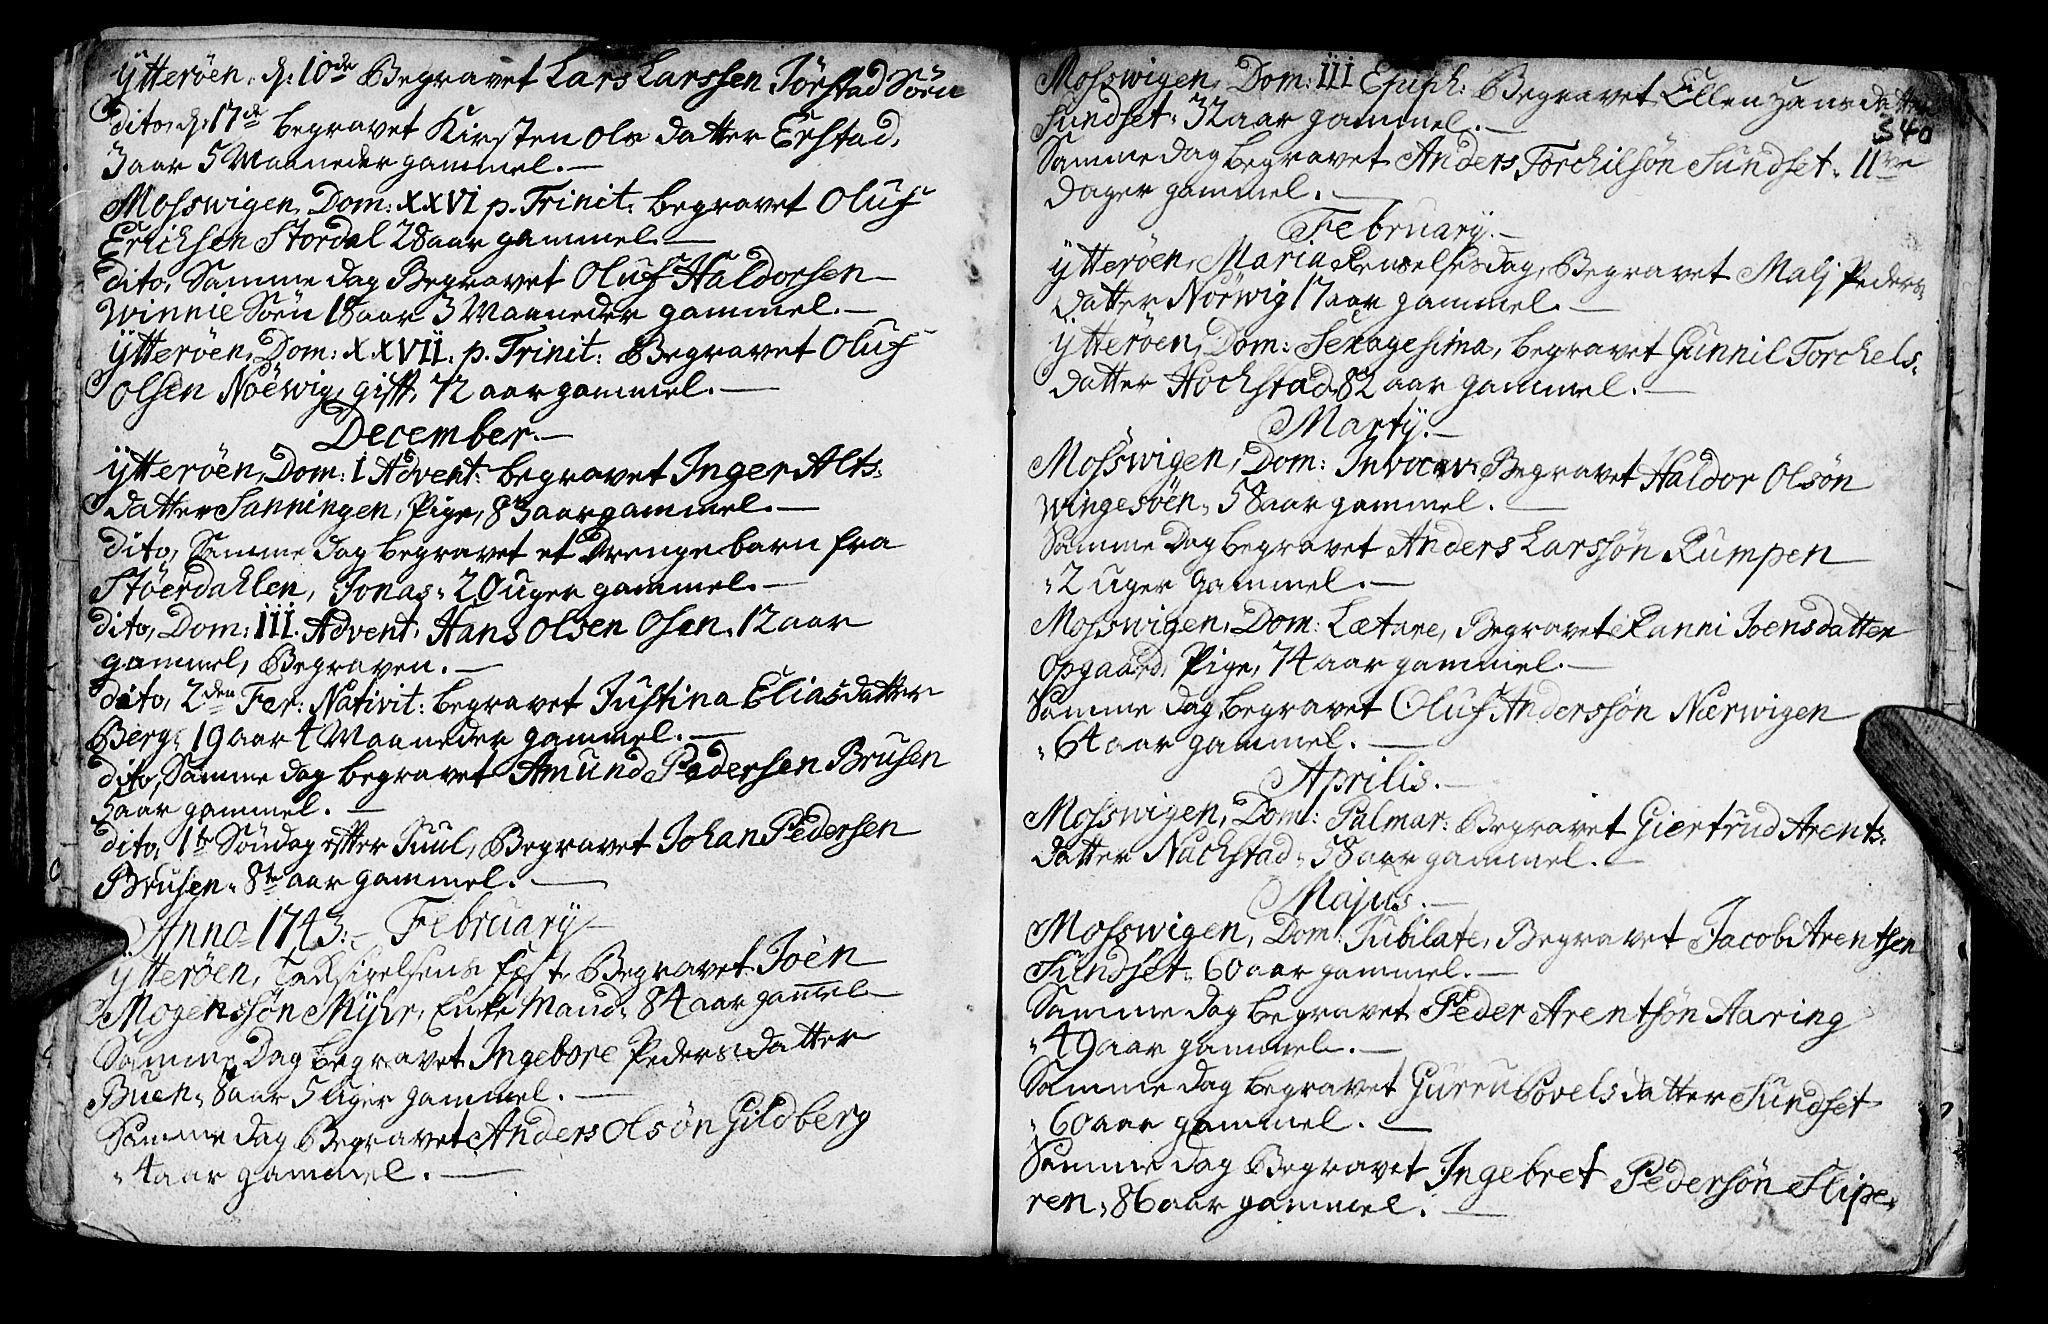 SAT, Ministerialprotokoller, klokkerbøker og fødselsregistre - Nord-Trøndelag, 722/L0215: Ministerialbok nr. 722A02, 1718-1755, s. 340